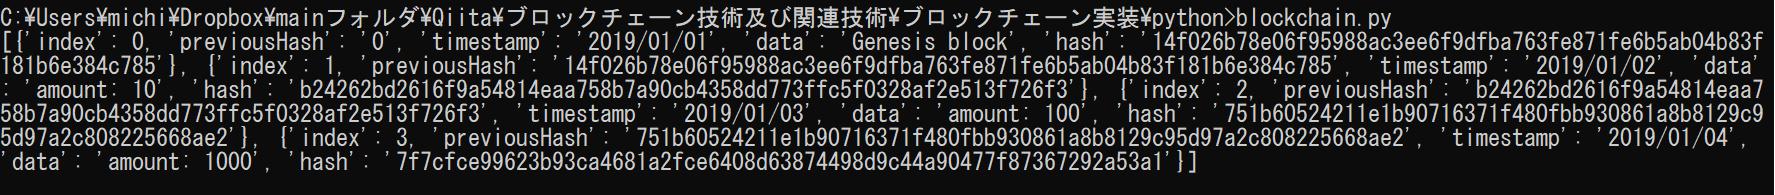 実行画面(Python).PNG